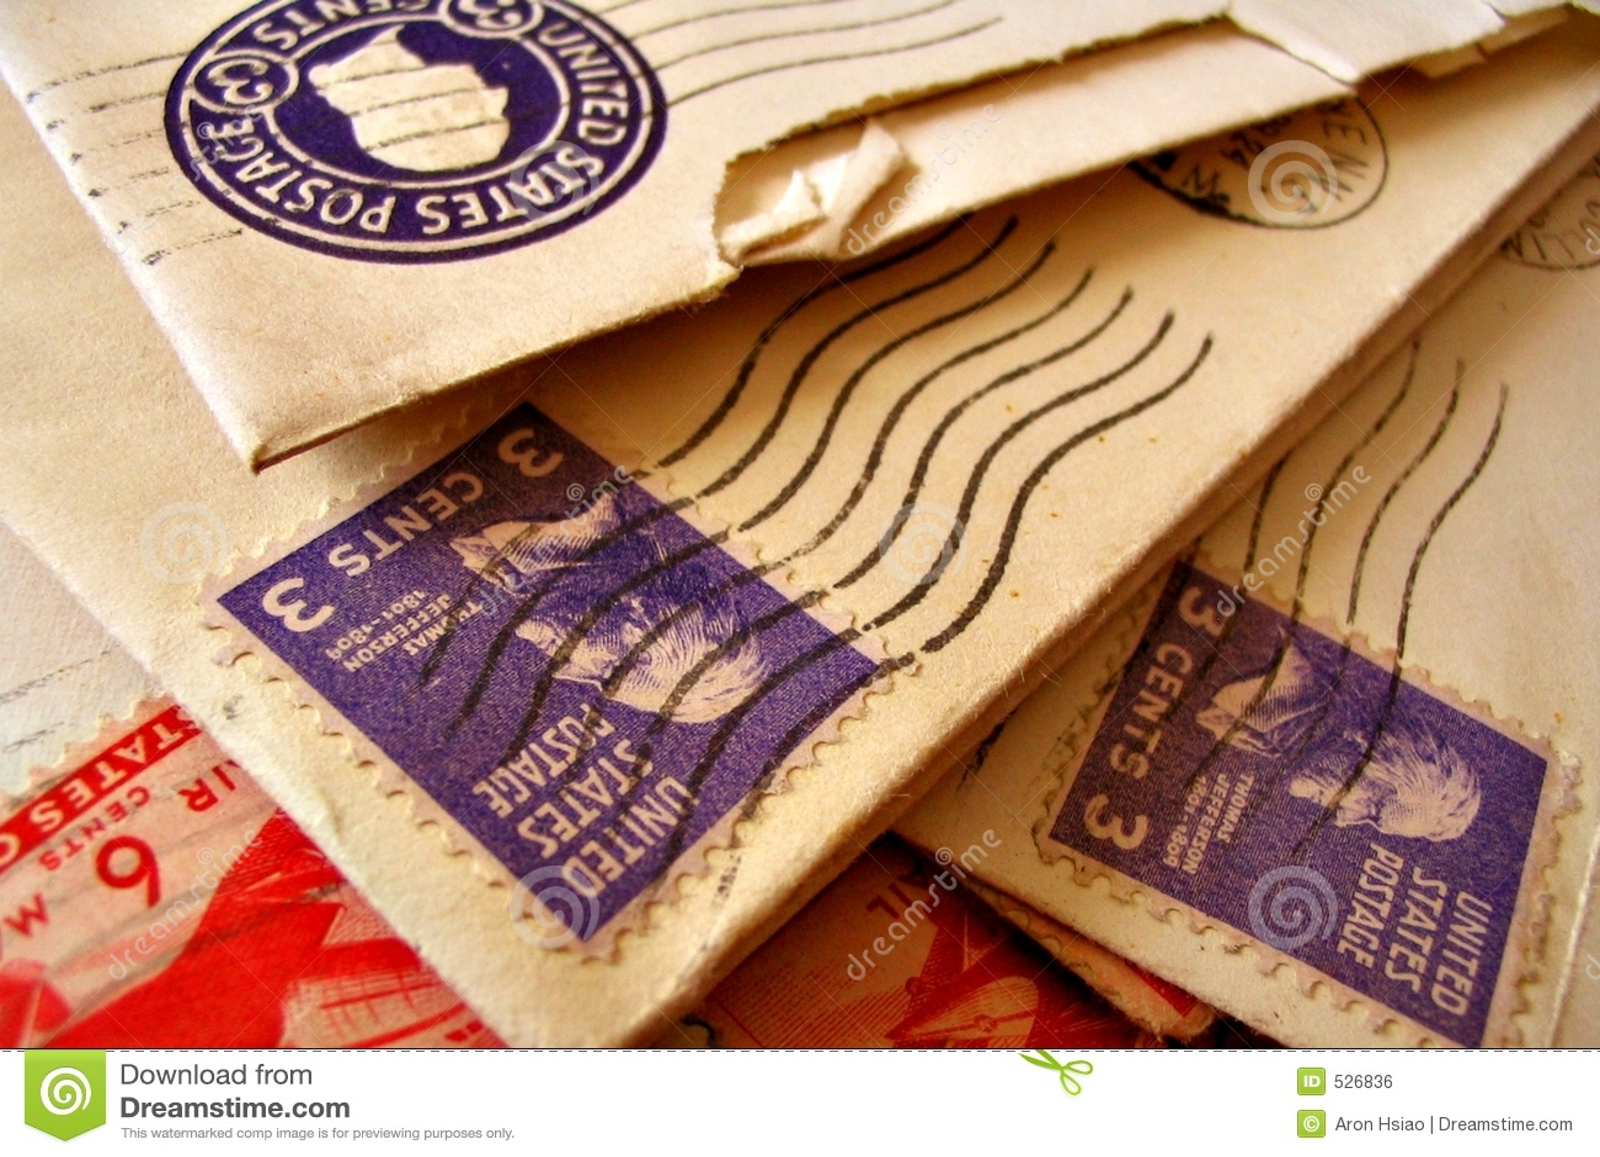 Download 信包印花税葡萄酒 库存照片. 图片 包括有 通信, 对应, 发送, 发红光的, 邮费, 过去, 过帐, 芳香 - 526836